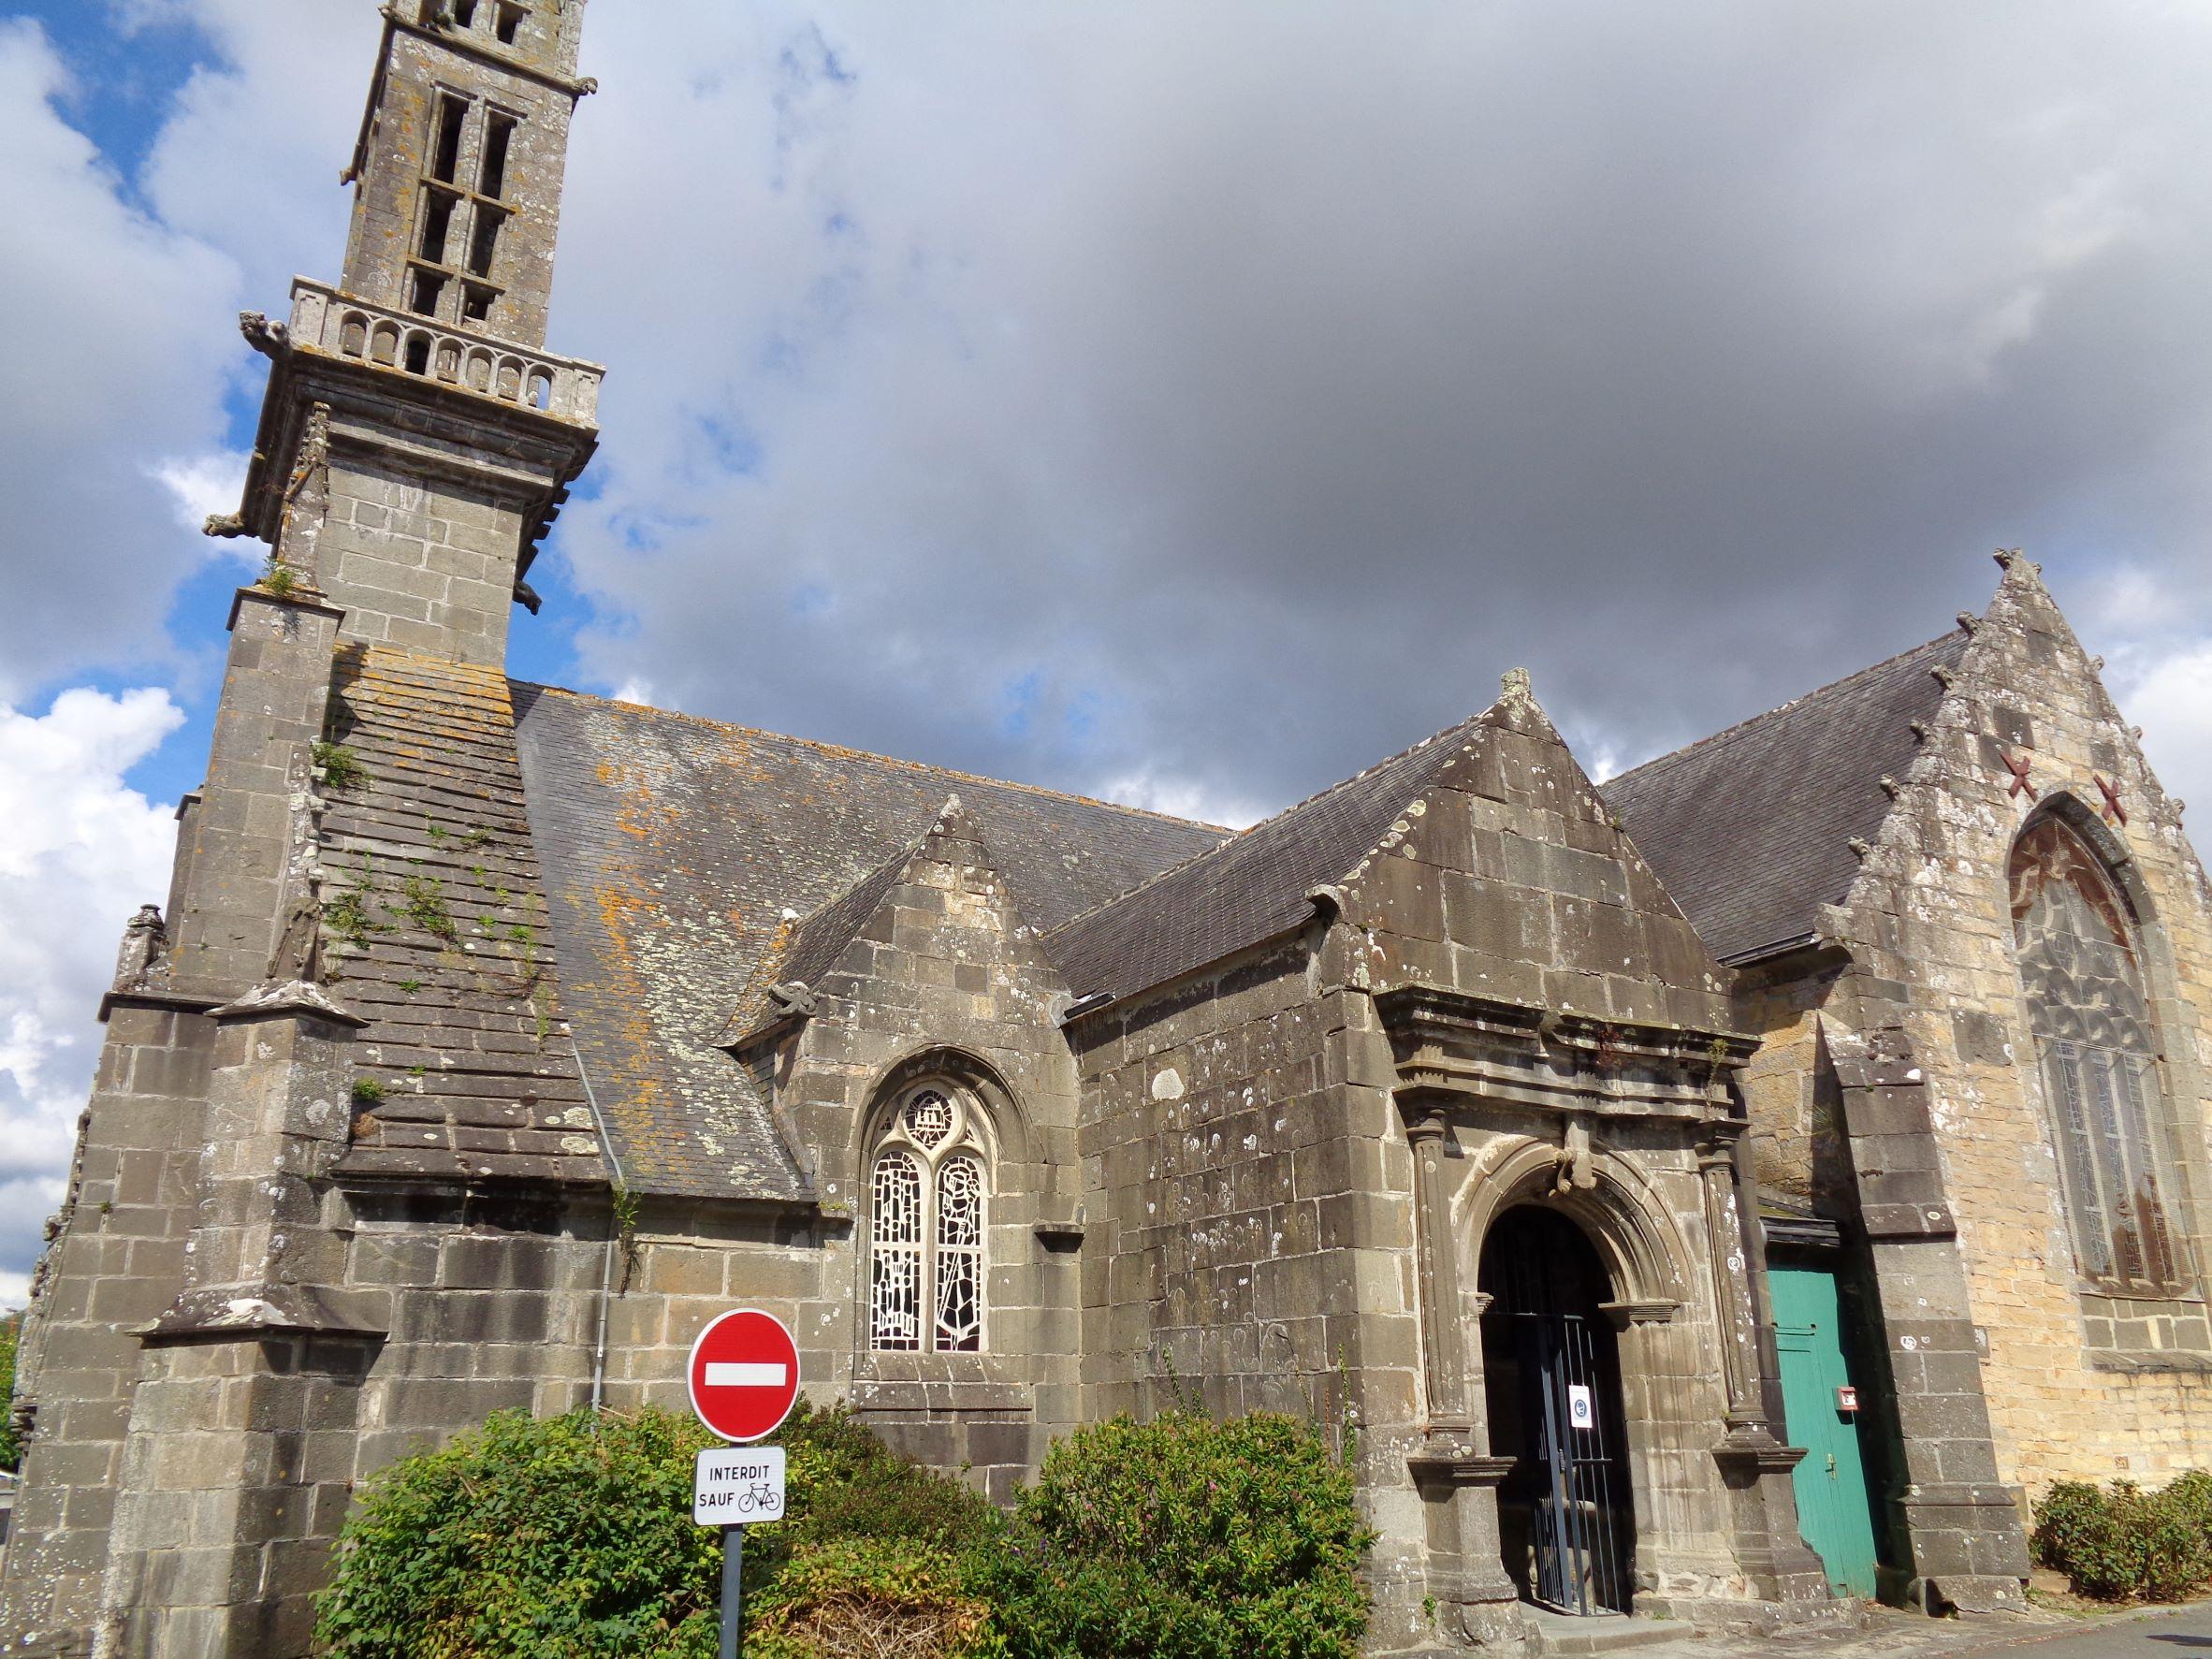 Hopital Camfrout ch Notre Dame de Bonne Nouvelle ent sep21